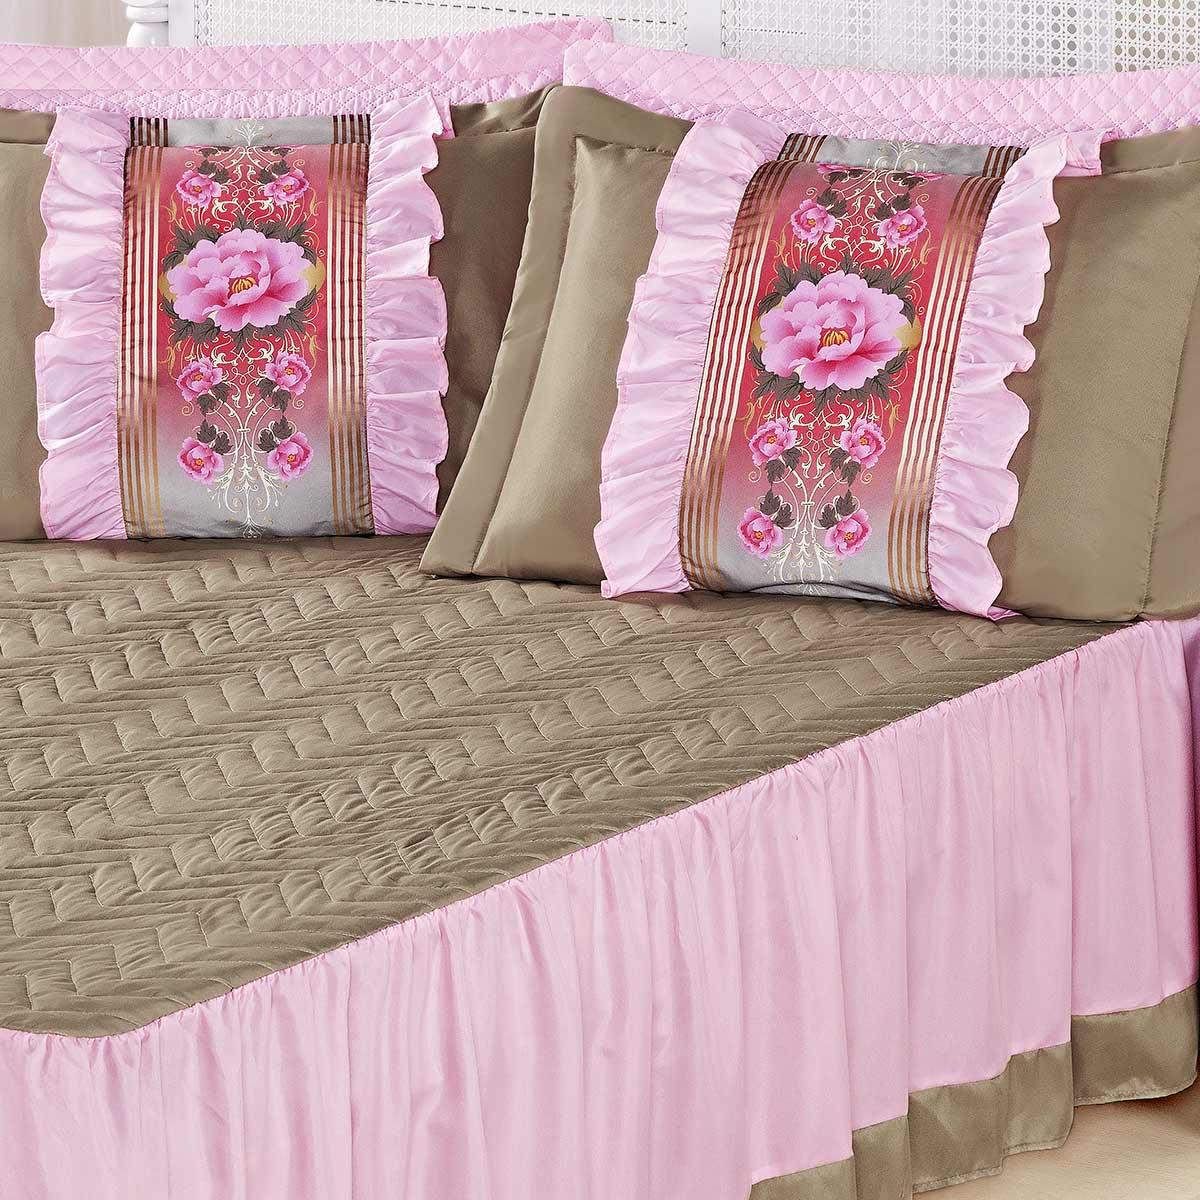 Kit Colcha (Colcha + Porta Travesseiro) Casal Bia Caqui com Rosa Liso com 5 peças